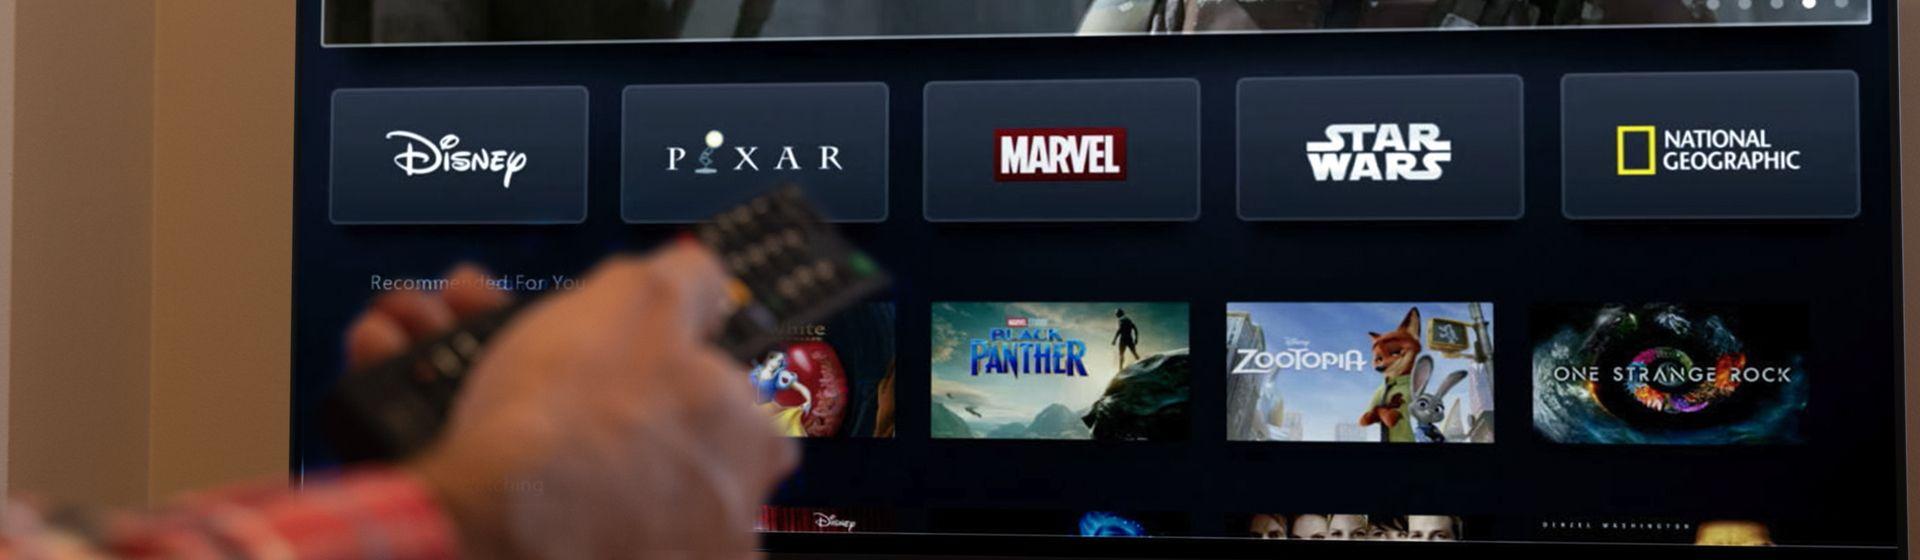 Como assistir Disney Plus na TV? Confira o passo a passo